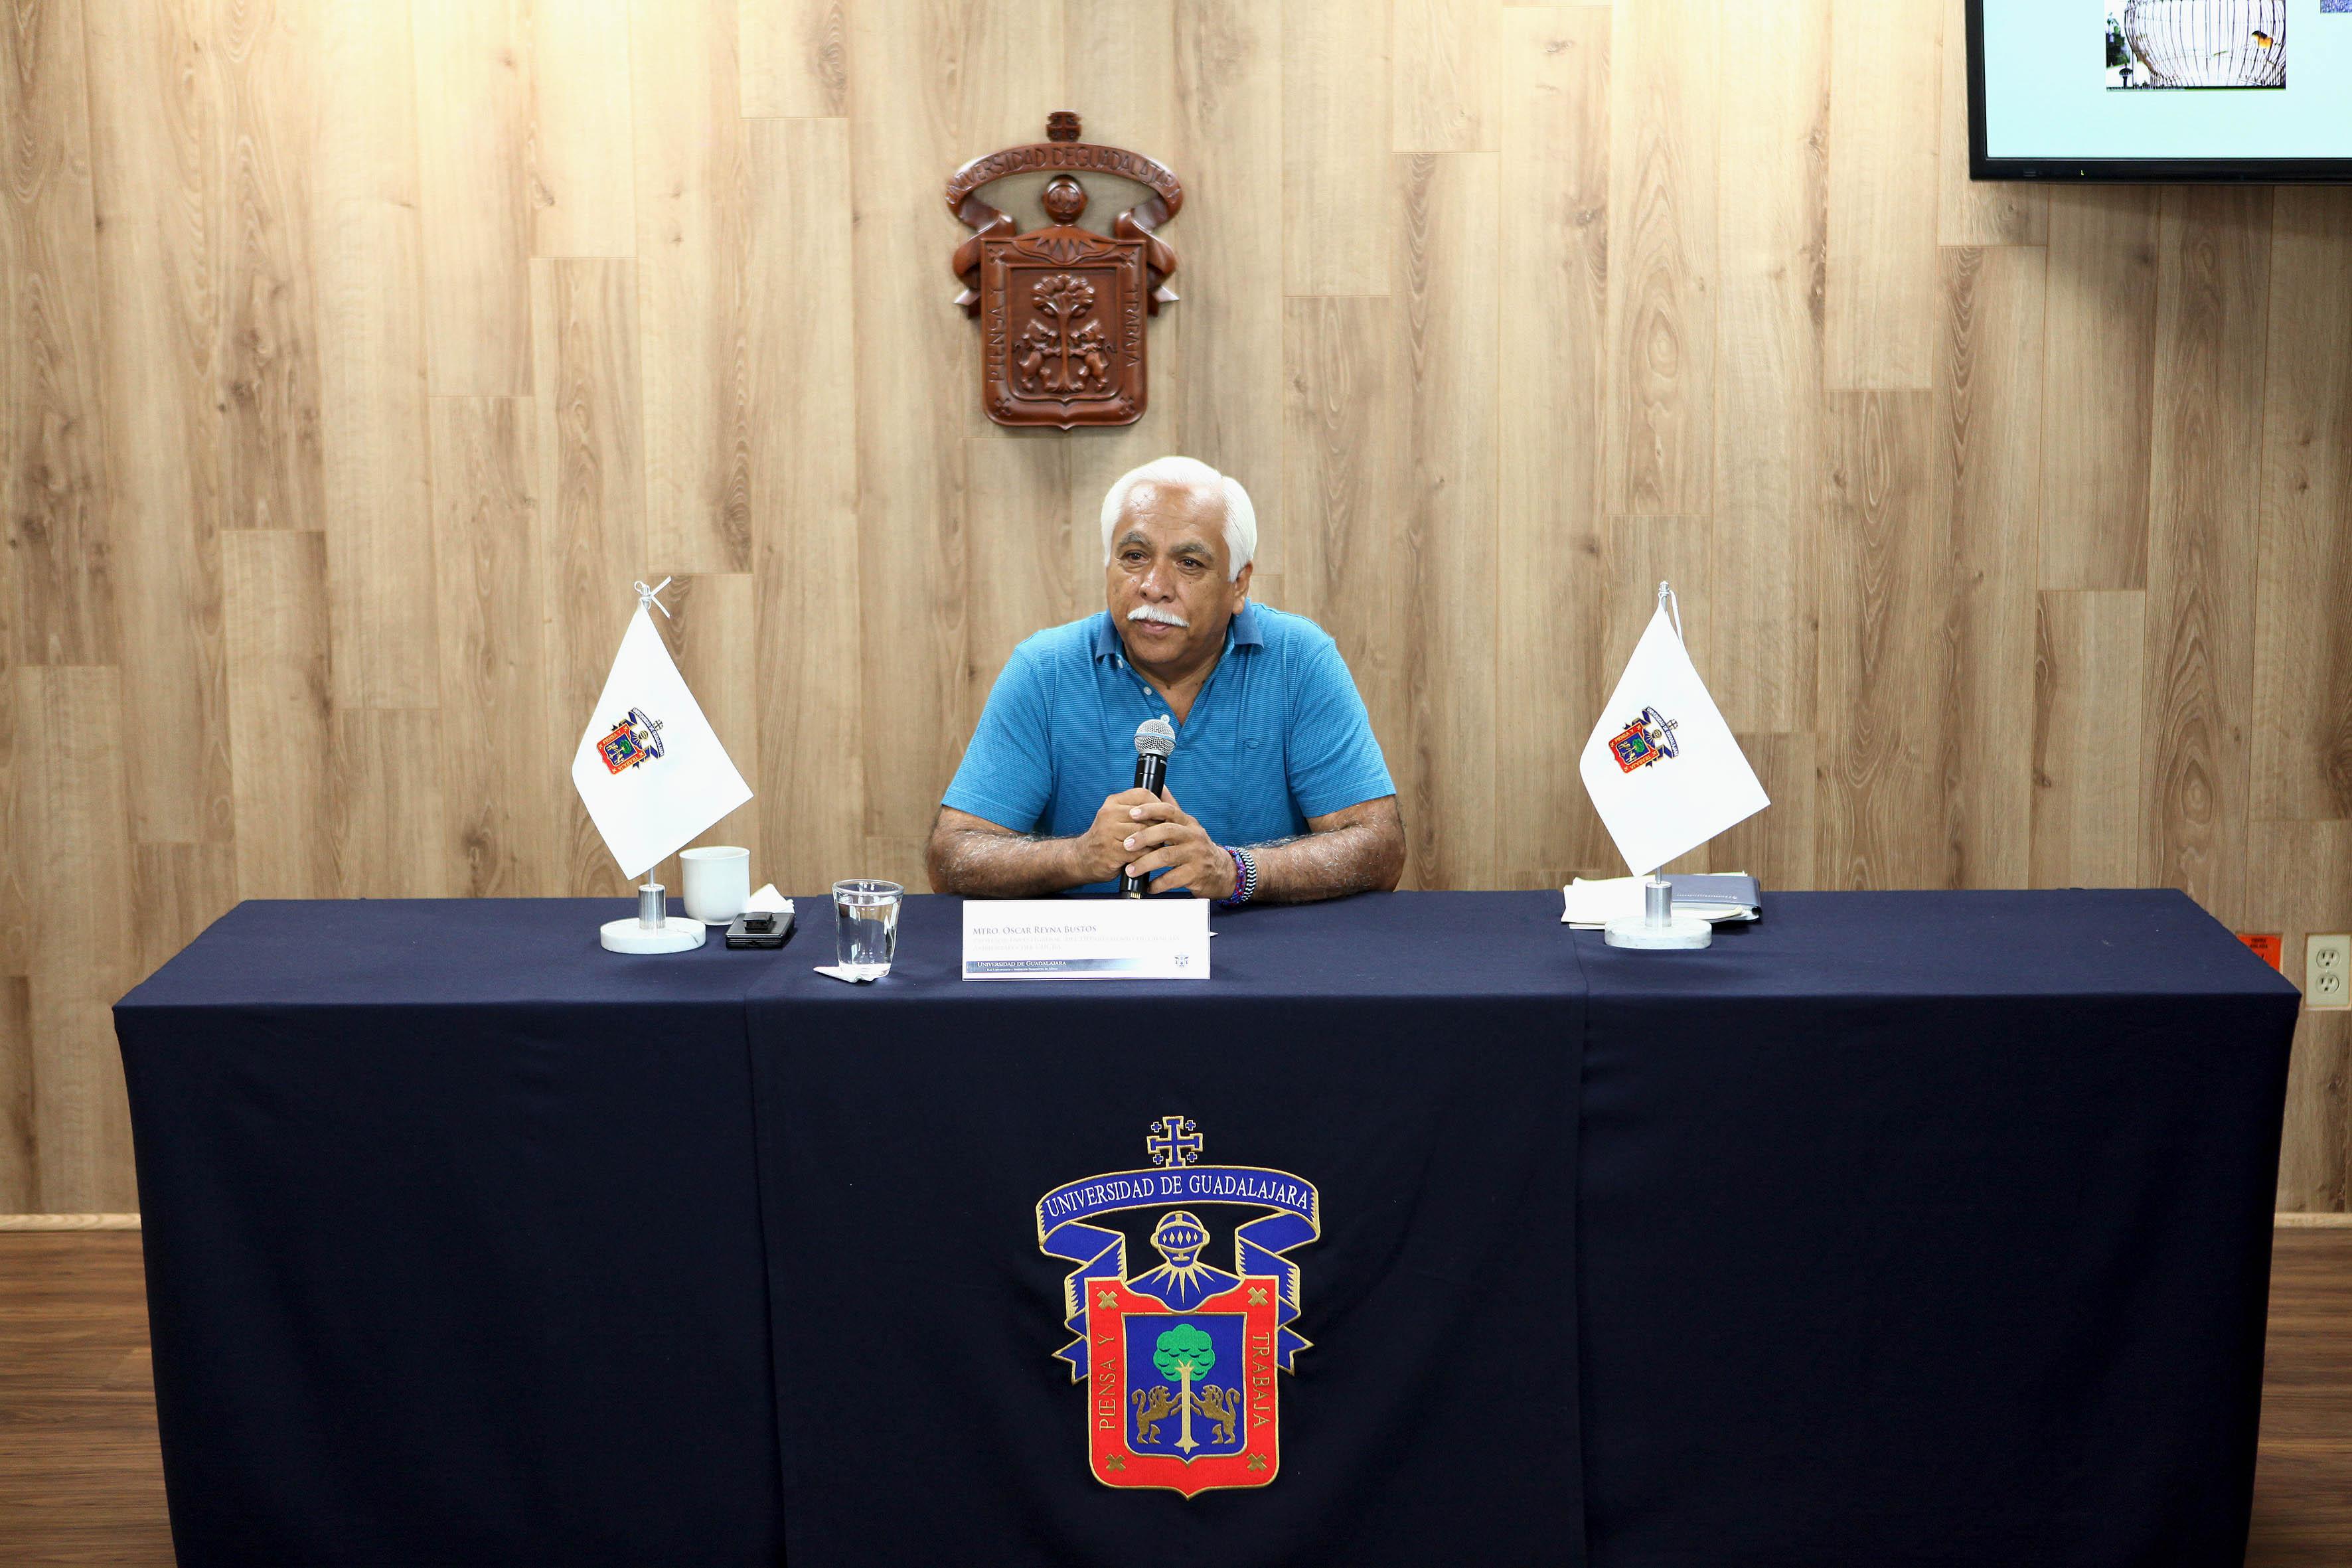 Dr. Óscar Francisco Reyna Bustos, investigador del Centro Universitario de Ciencias Biológico y Agropecuarias (CUCBA